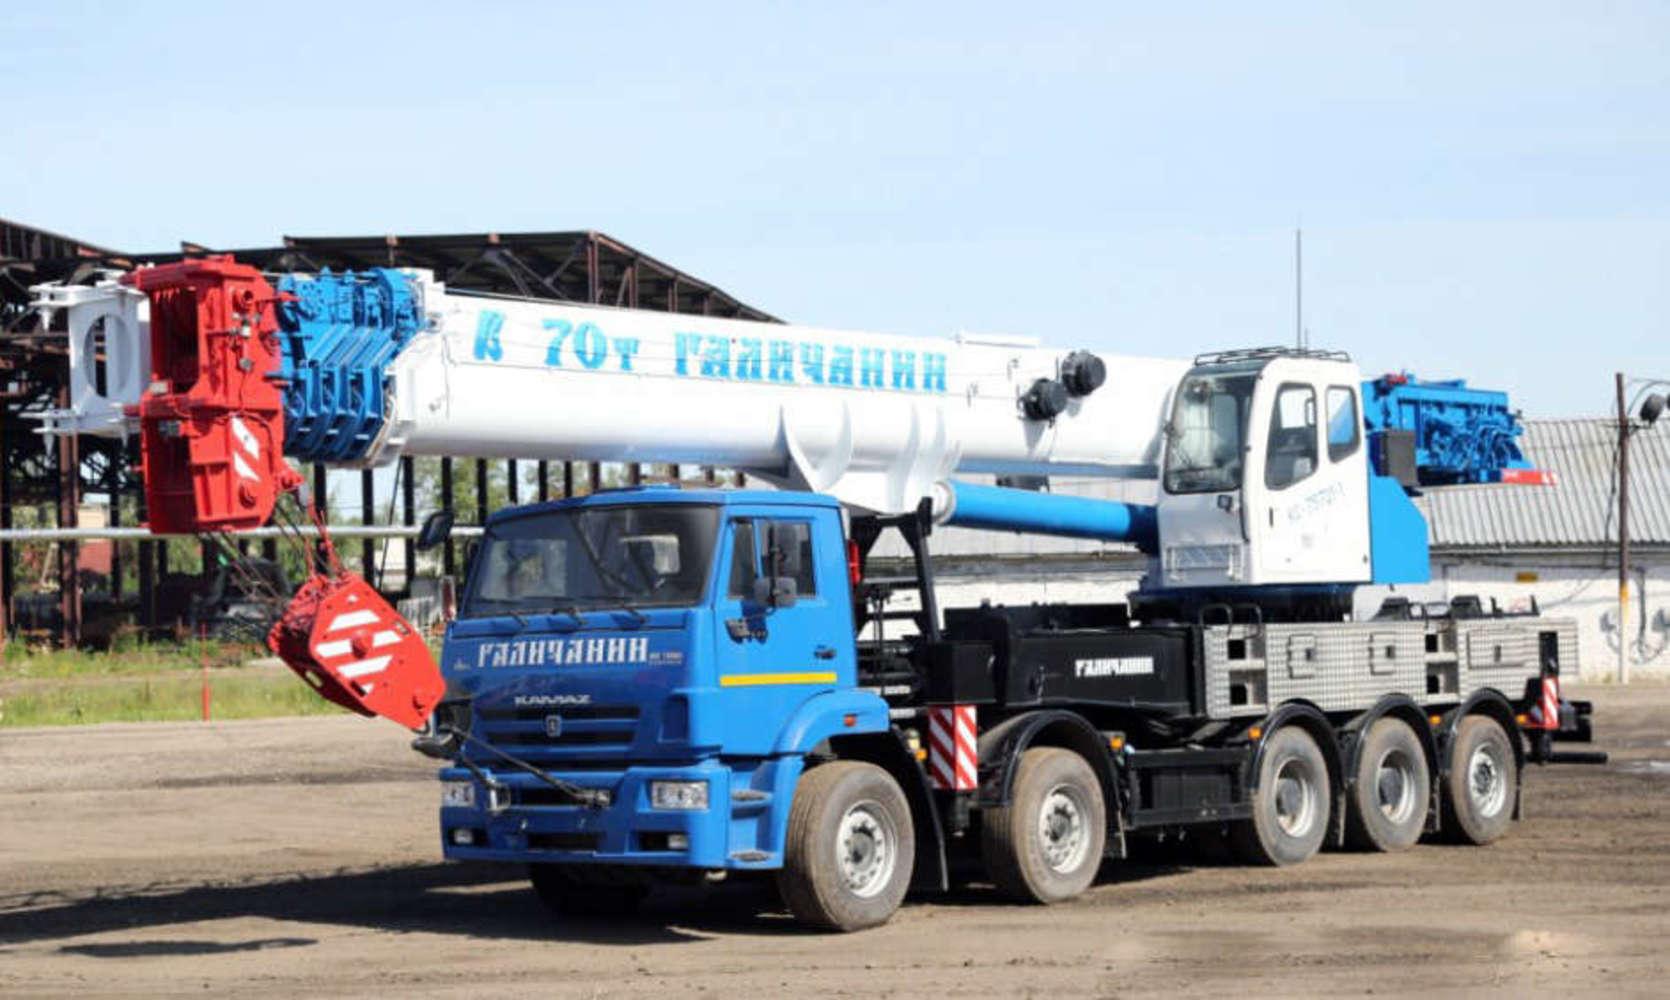 Галичанин КС-75721-1 H&H на шасси КамАЗ 7330 (Овоид)